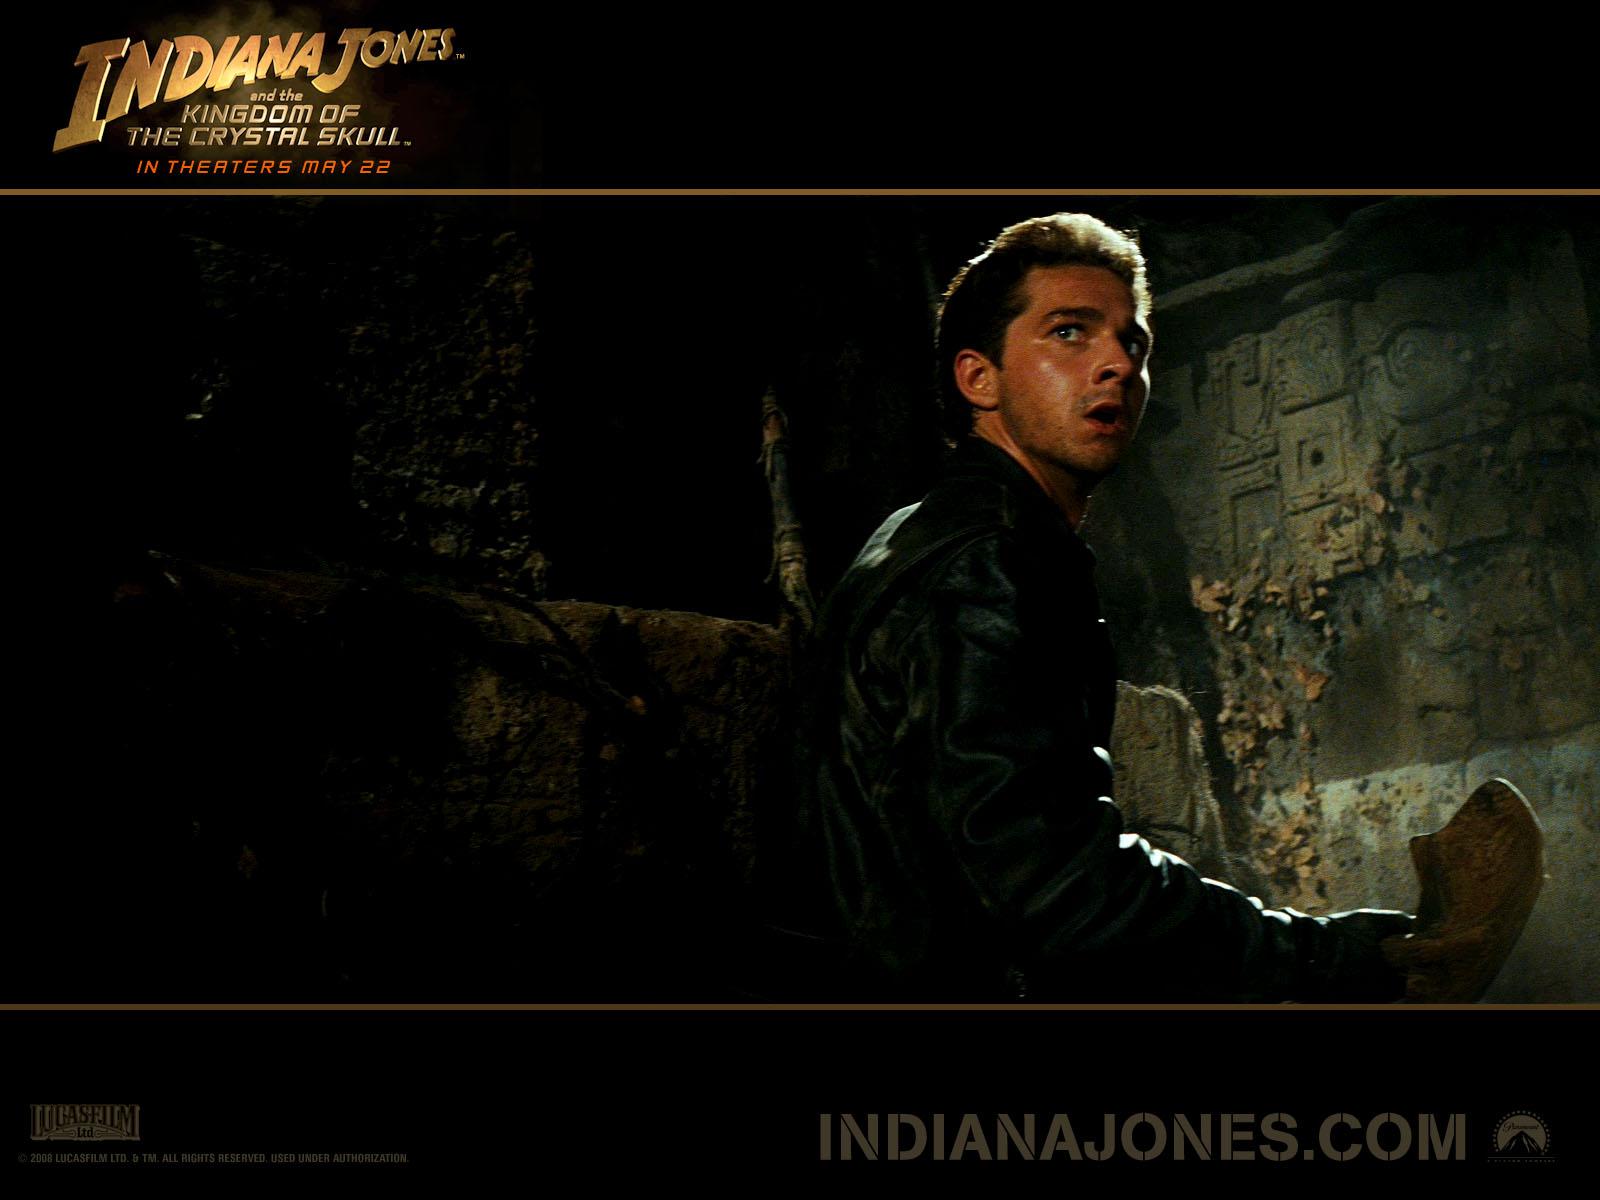 Indiana Jones Desktop Background